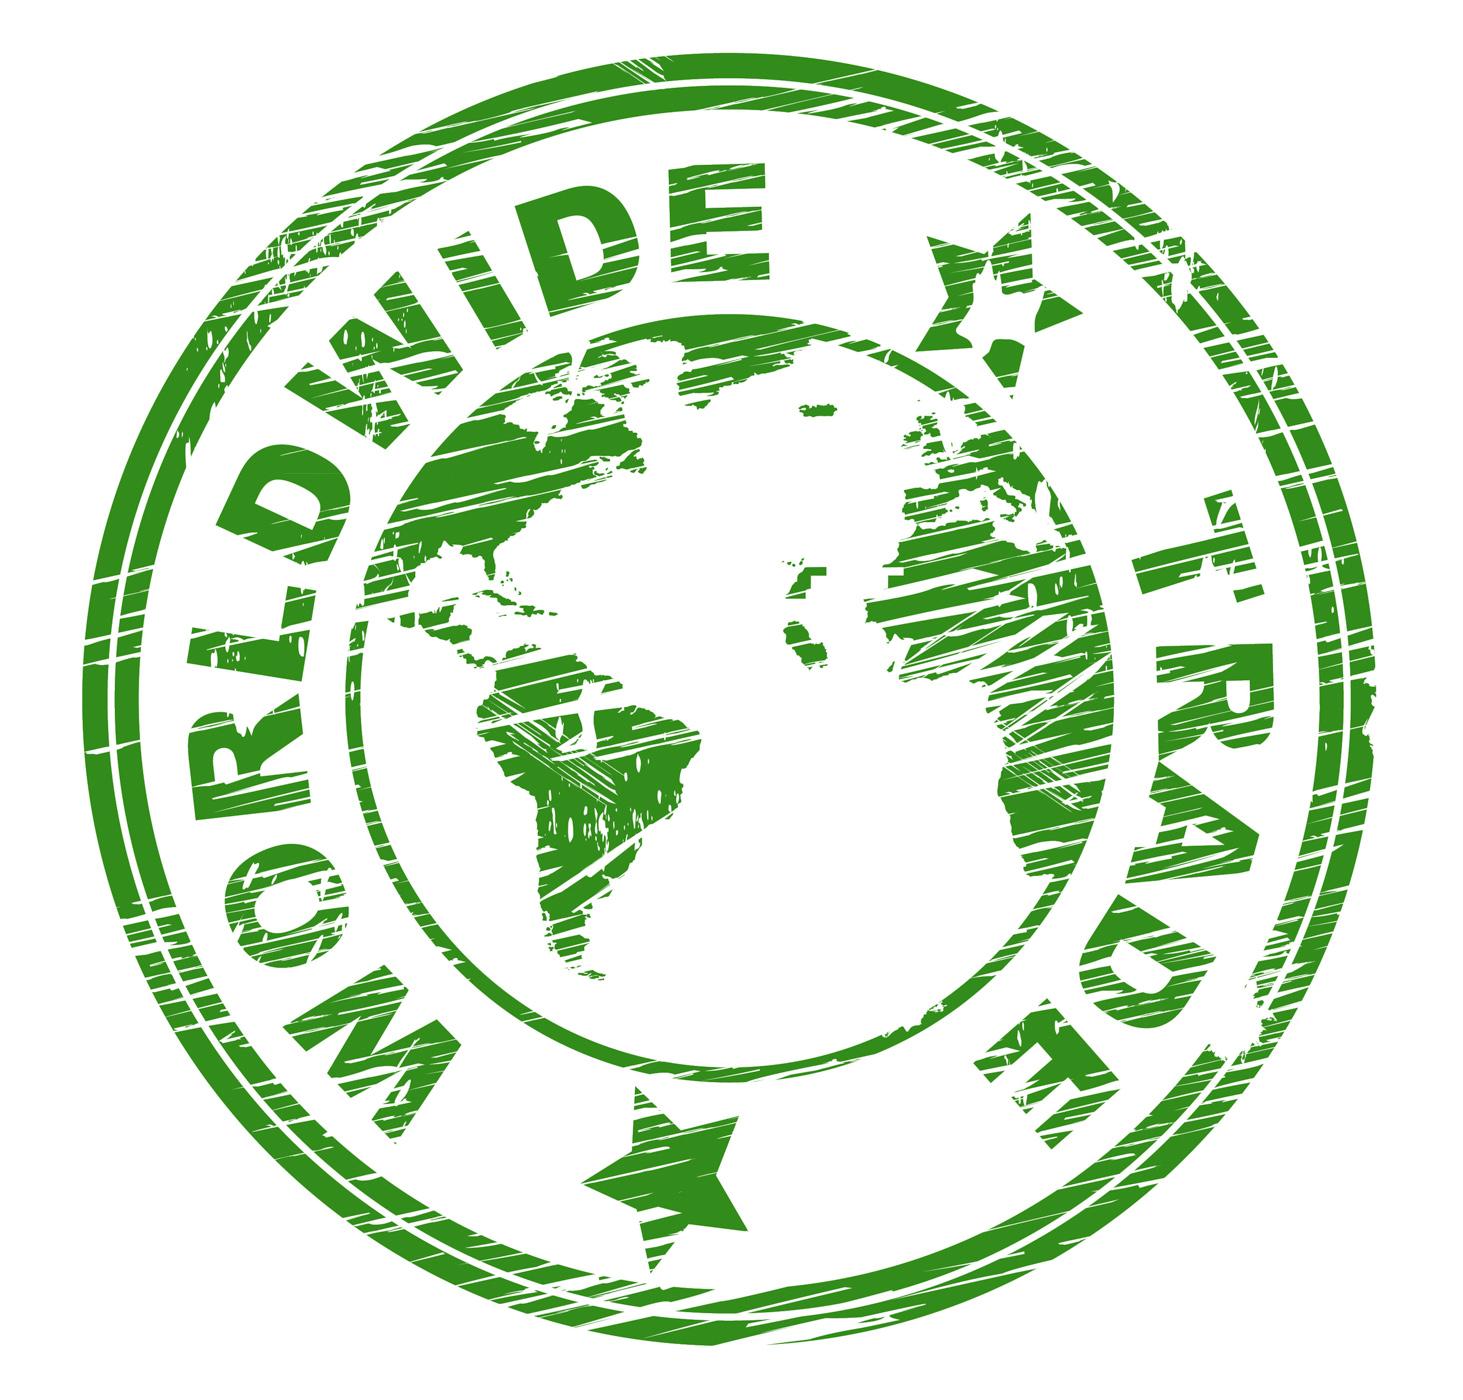 Worldwide trade indicates import e-commerce and globalise photo